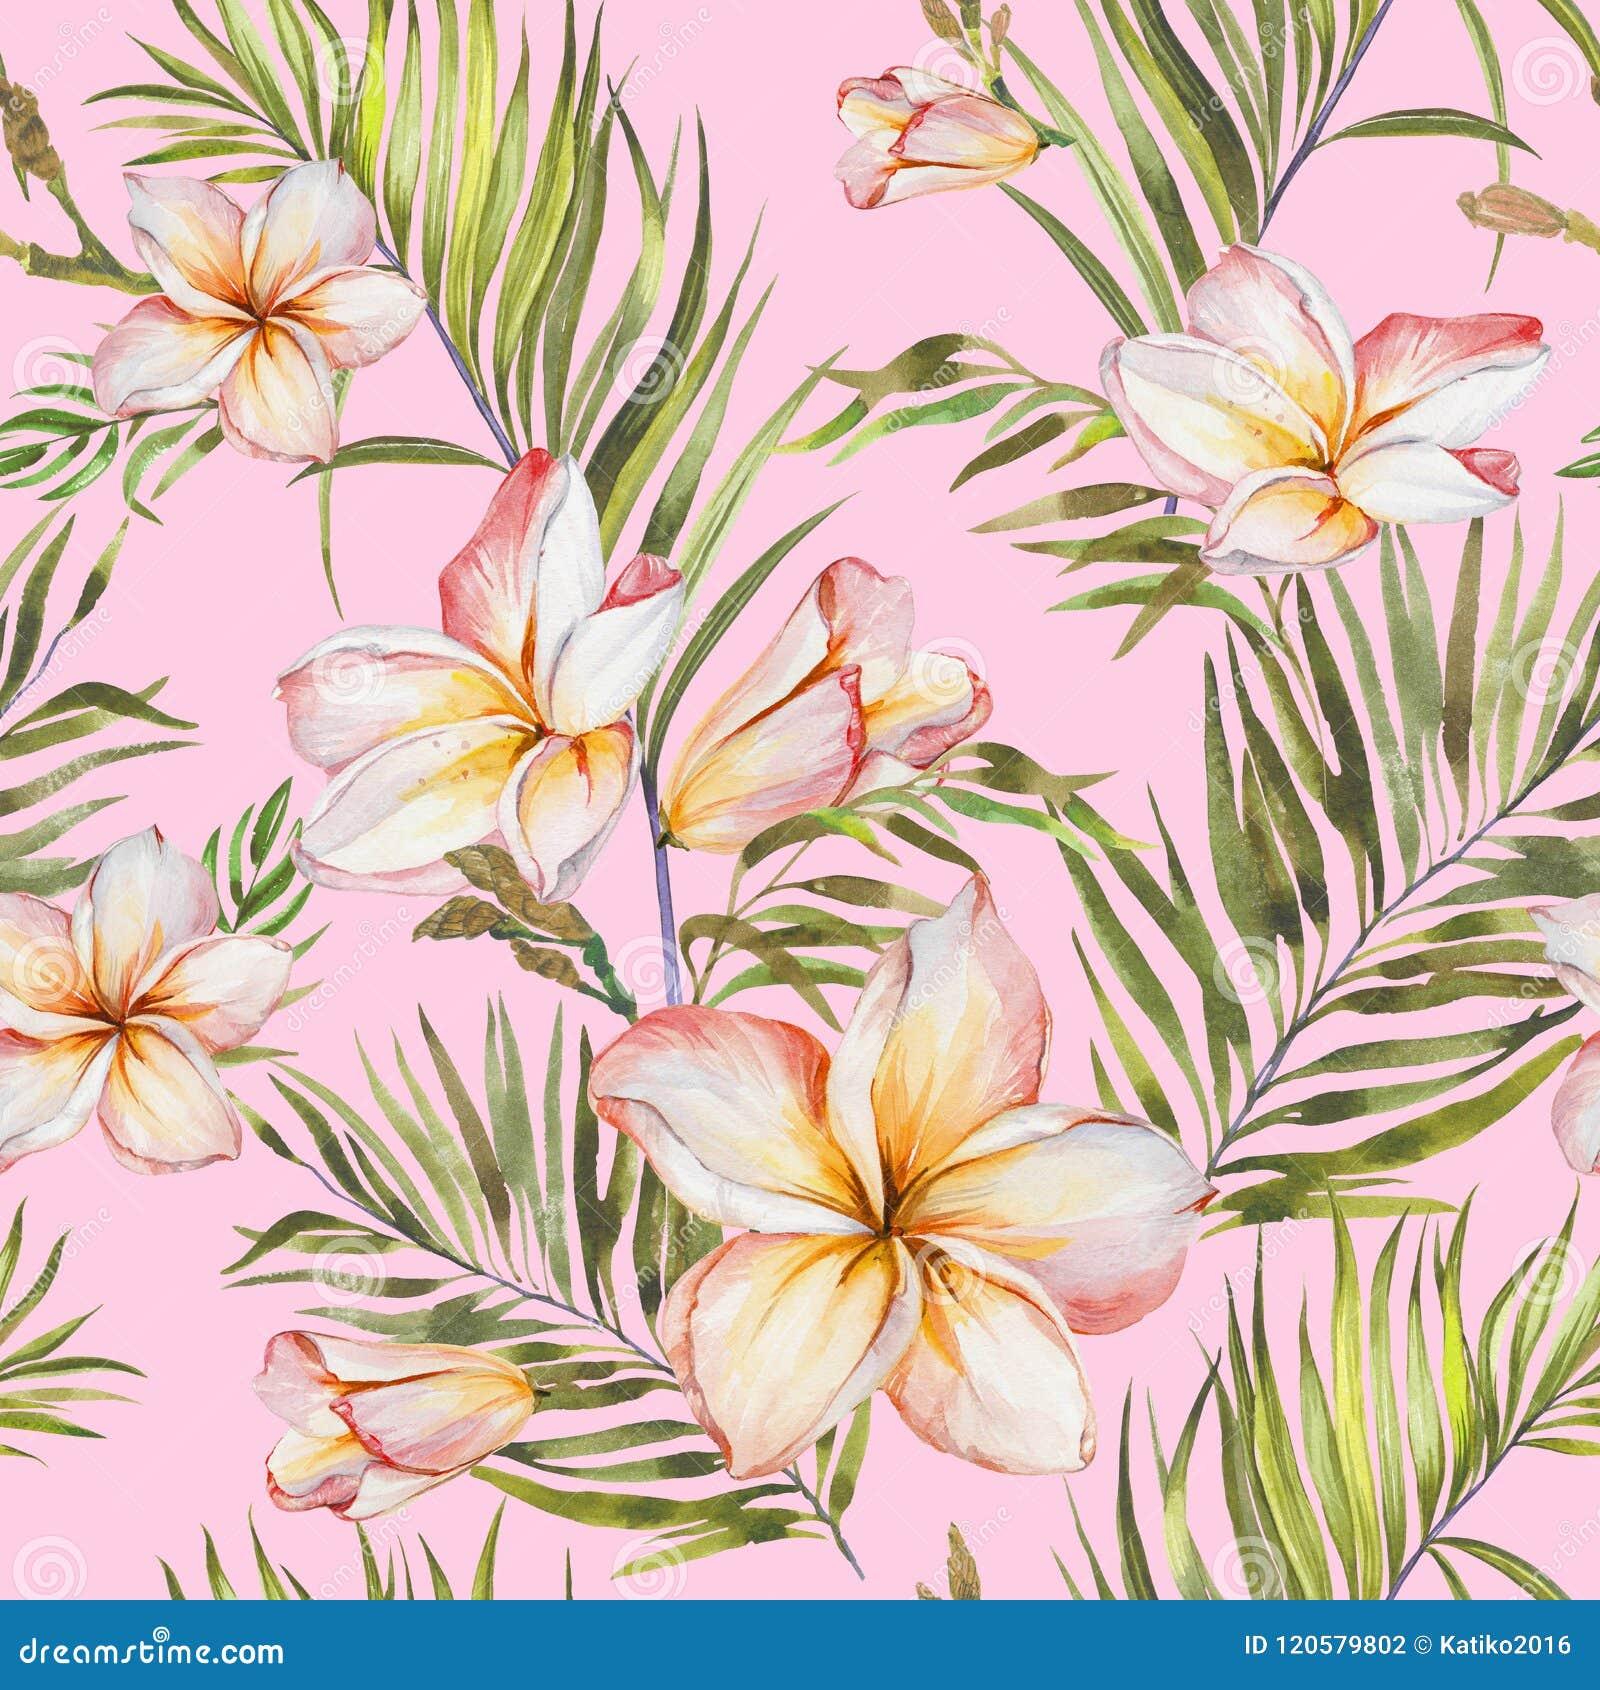 Fleurs Exotiques De Plumeria Et Palmettes Vertes Dans Le Modele